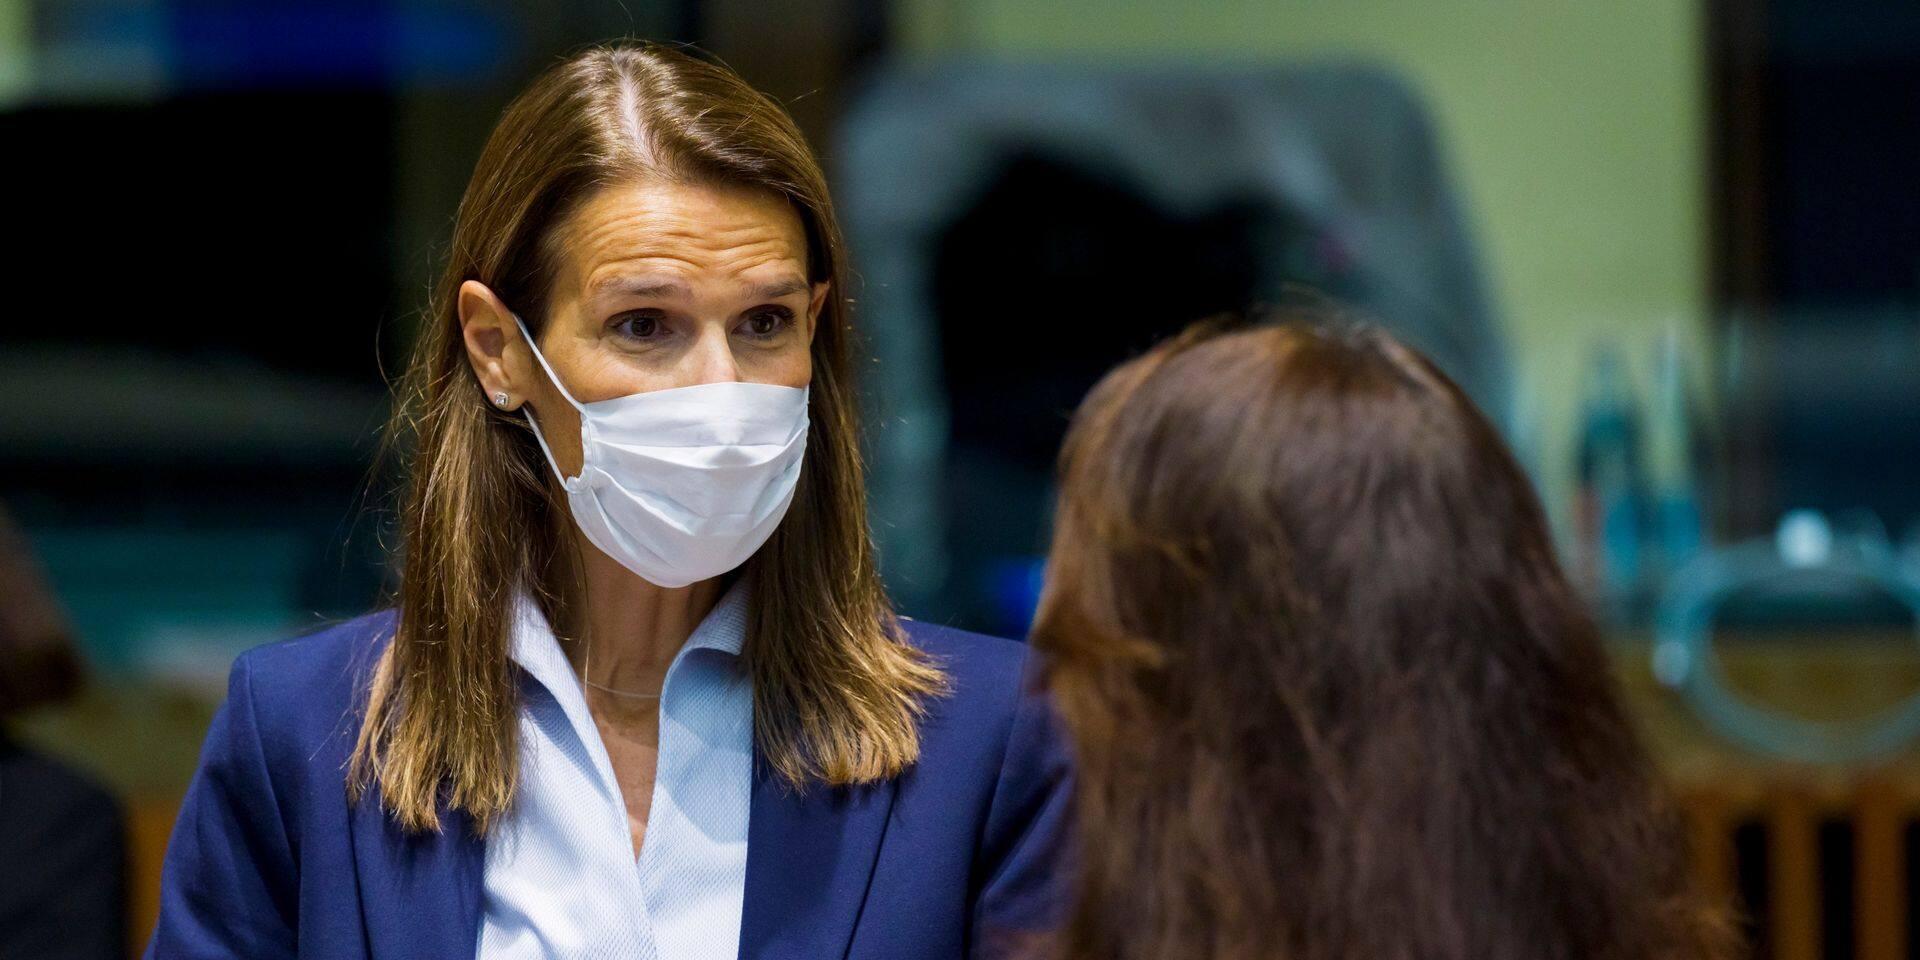 Sophie Wilmès est sortie de l'hôpital: elle poursuivra sa convalescence à son domicile